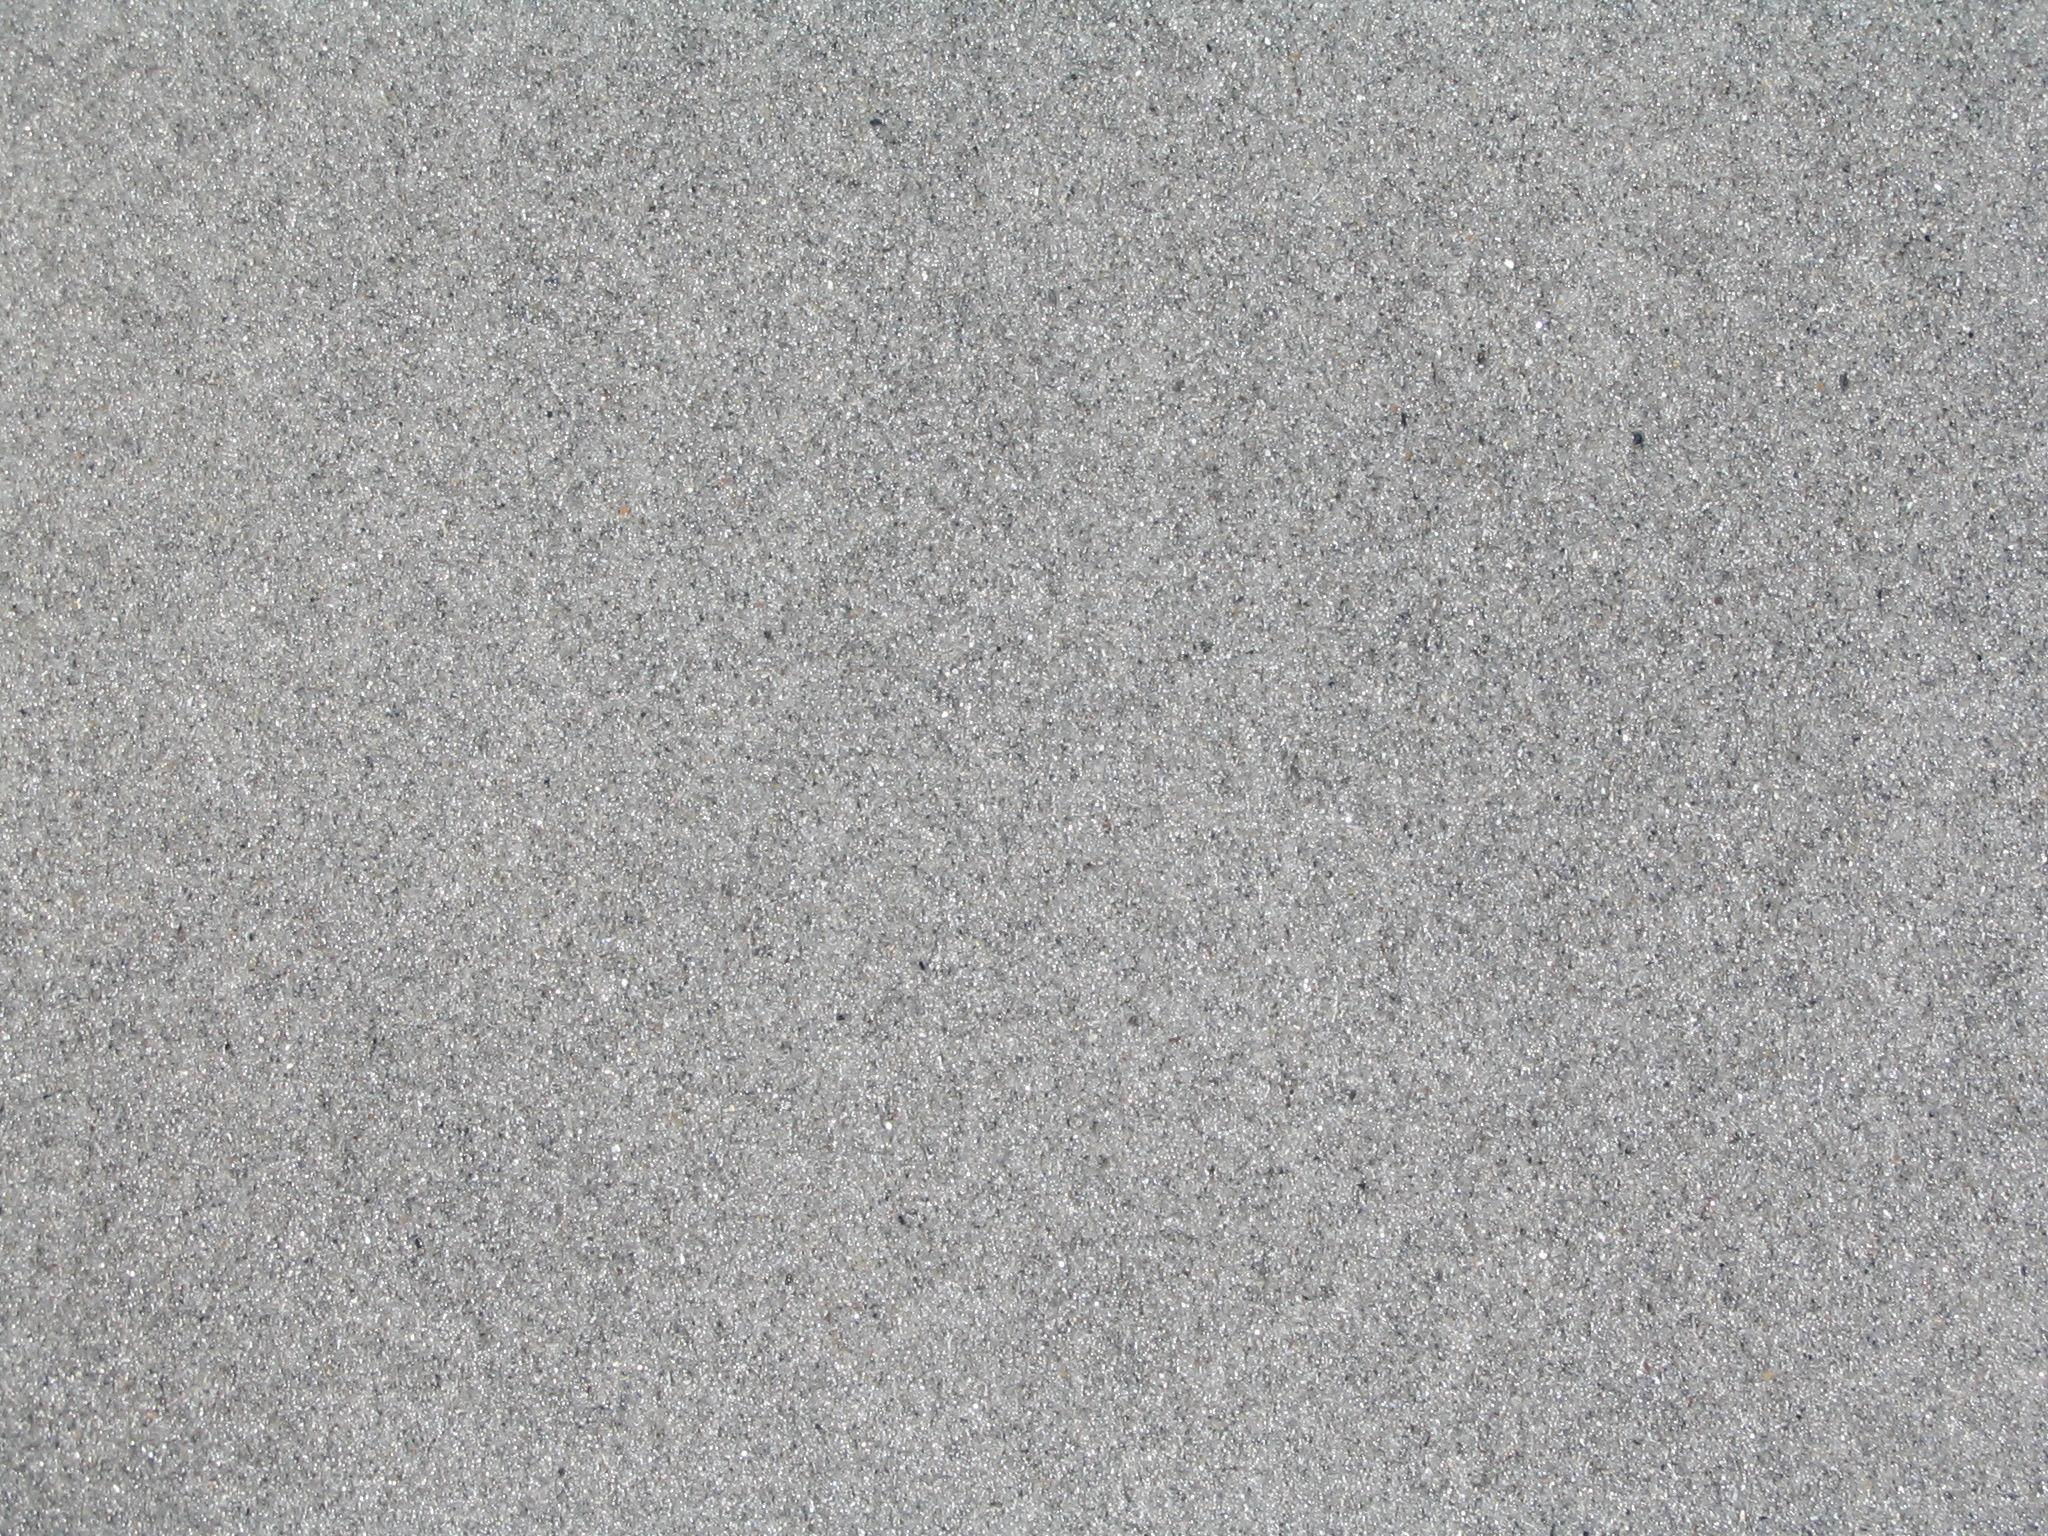 песок серого цвета